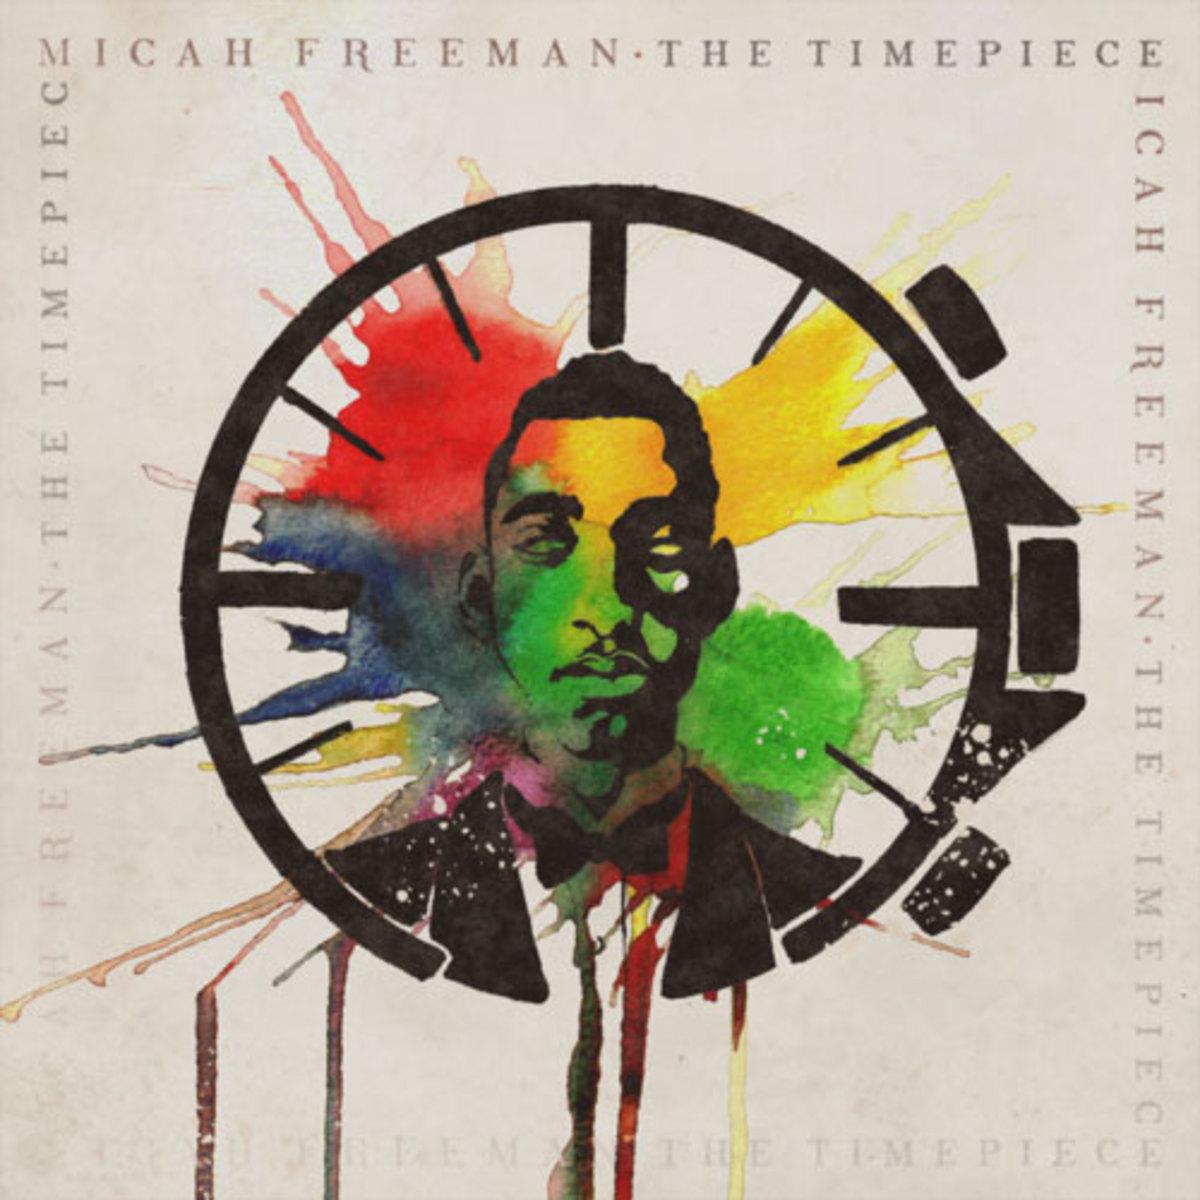 micahfreeman-thetimepiece.jpg